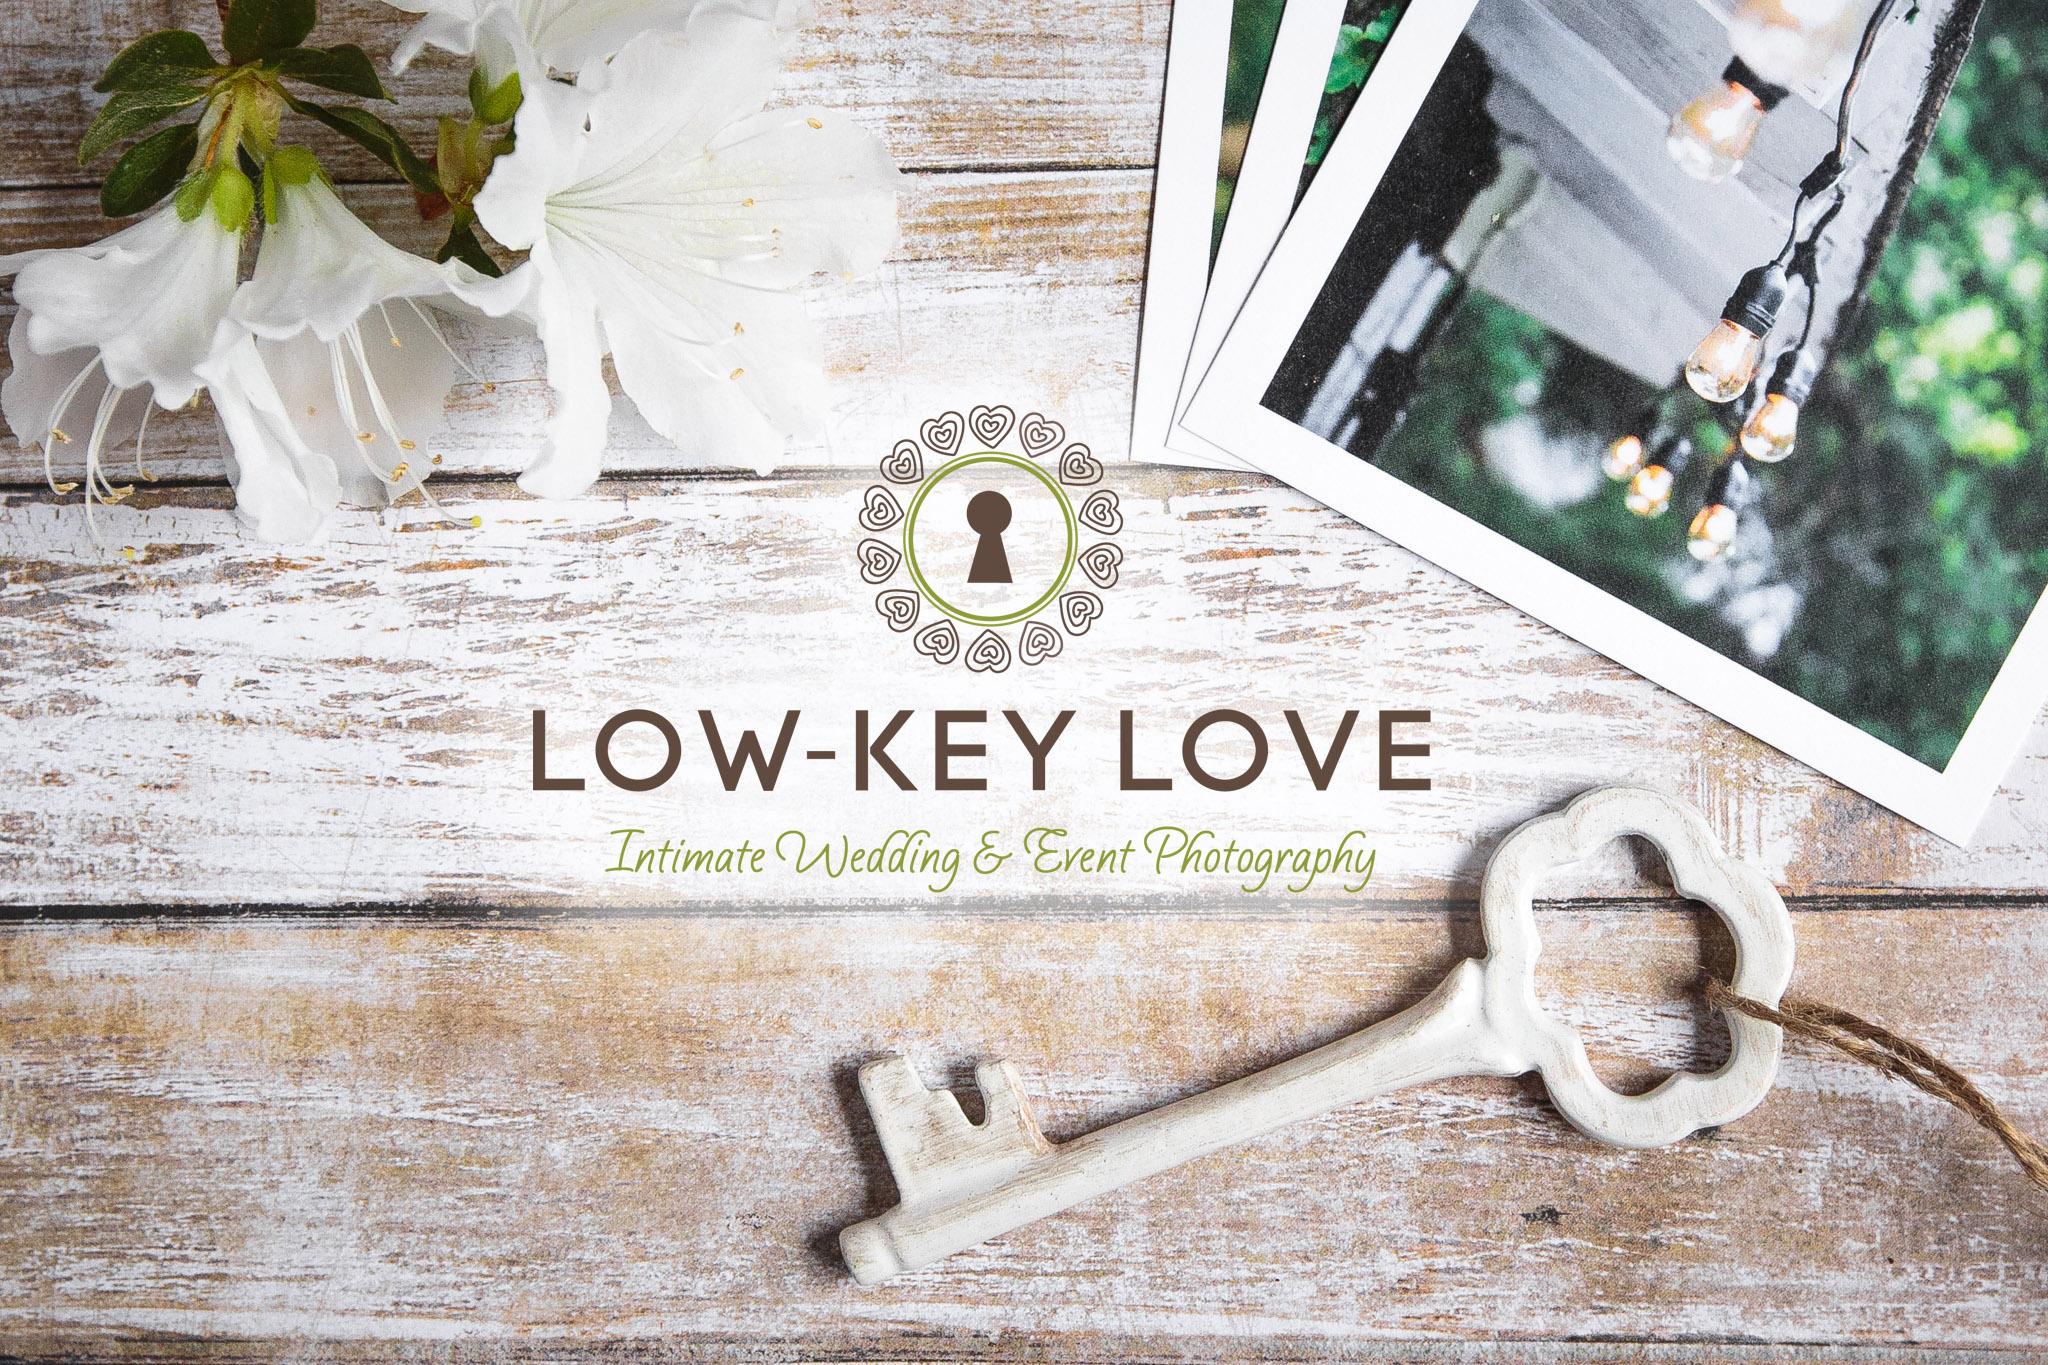 LowKeyLove-BannerWJPG